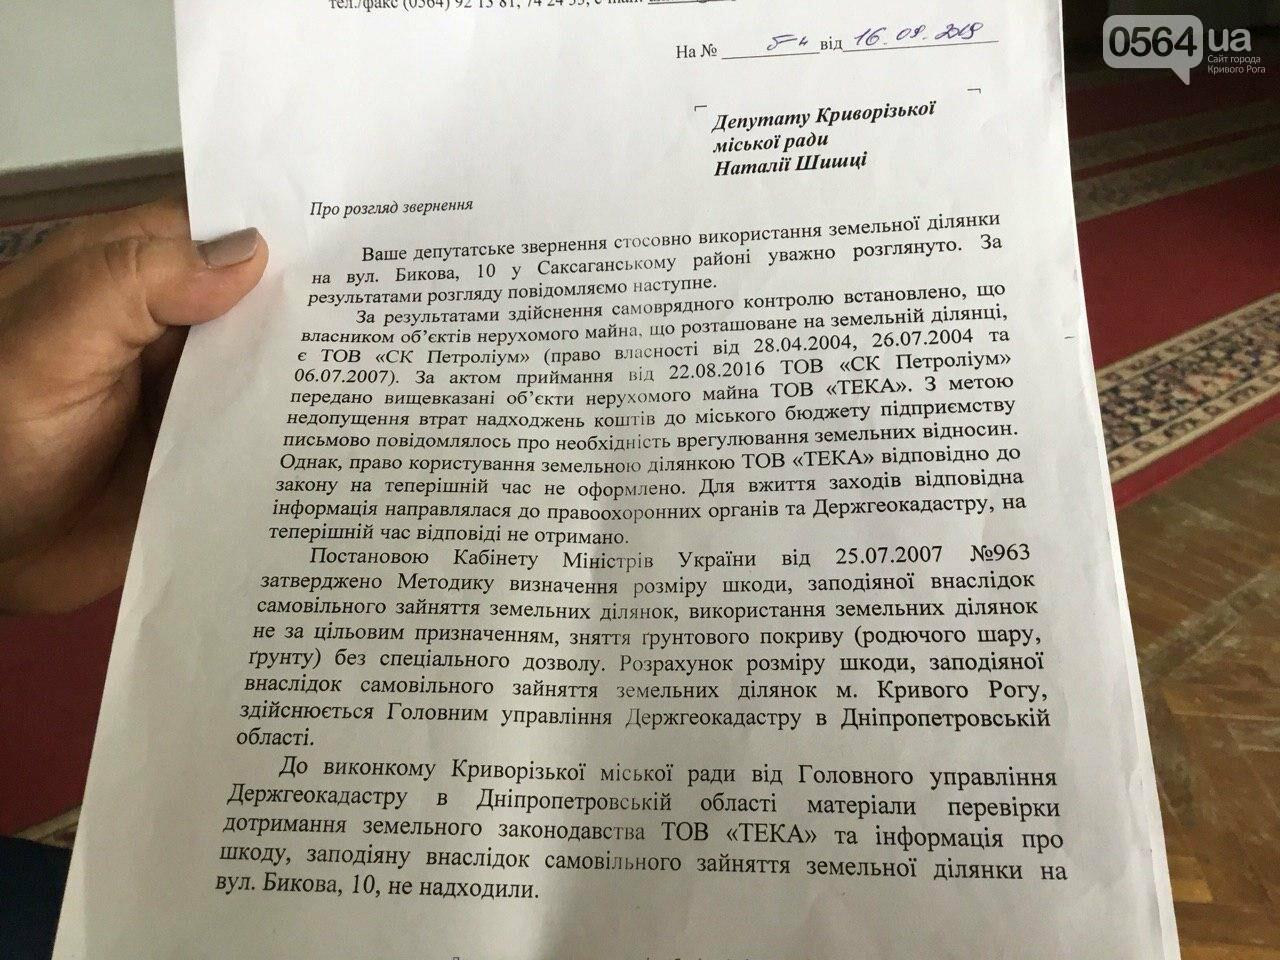 Депутат: в центре Кривого Рога 15 лет незаконно используют участок земли, - ФОТО, ВИДЕО, фото-1